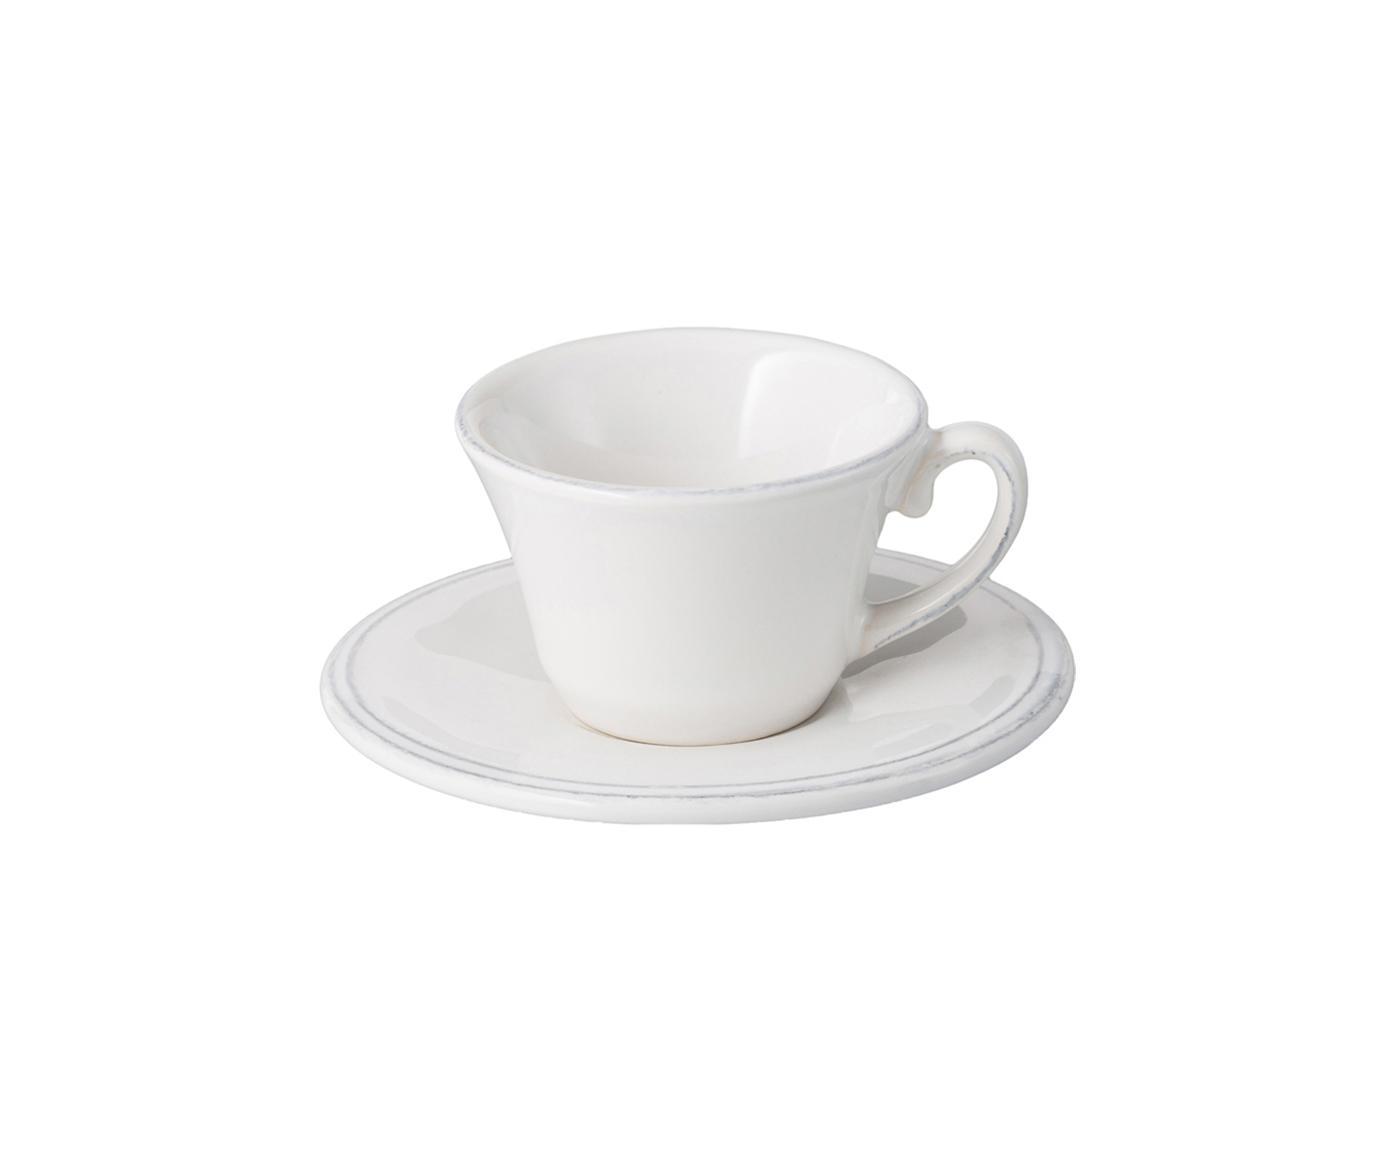 Komplet filiżanek do espresso Constance, 6 szt., Ceramika, Biały, Ø 13 x W 6 cm